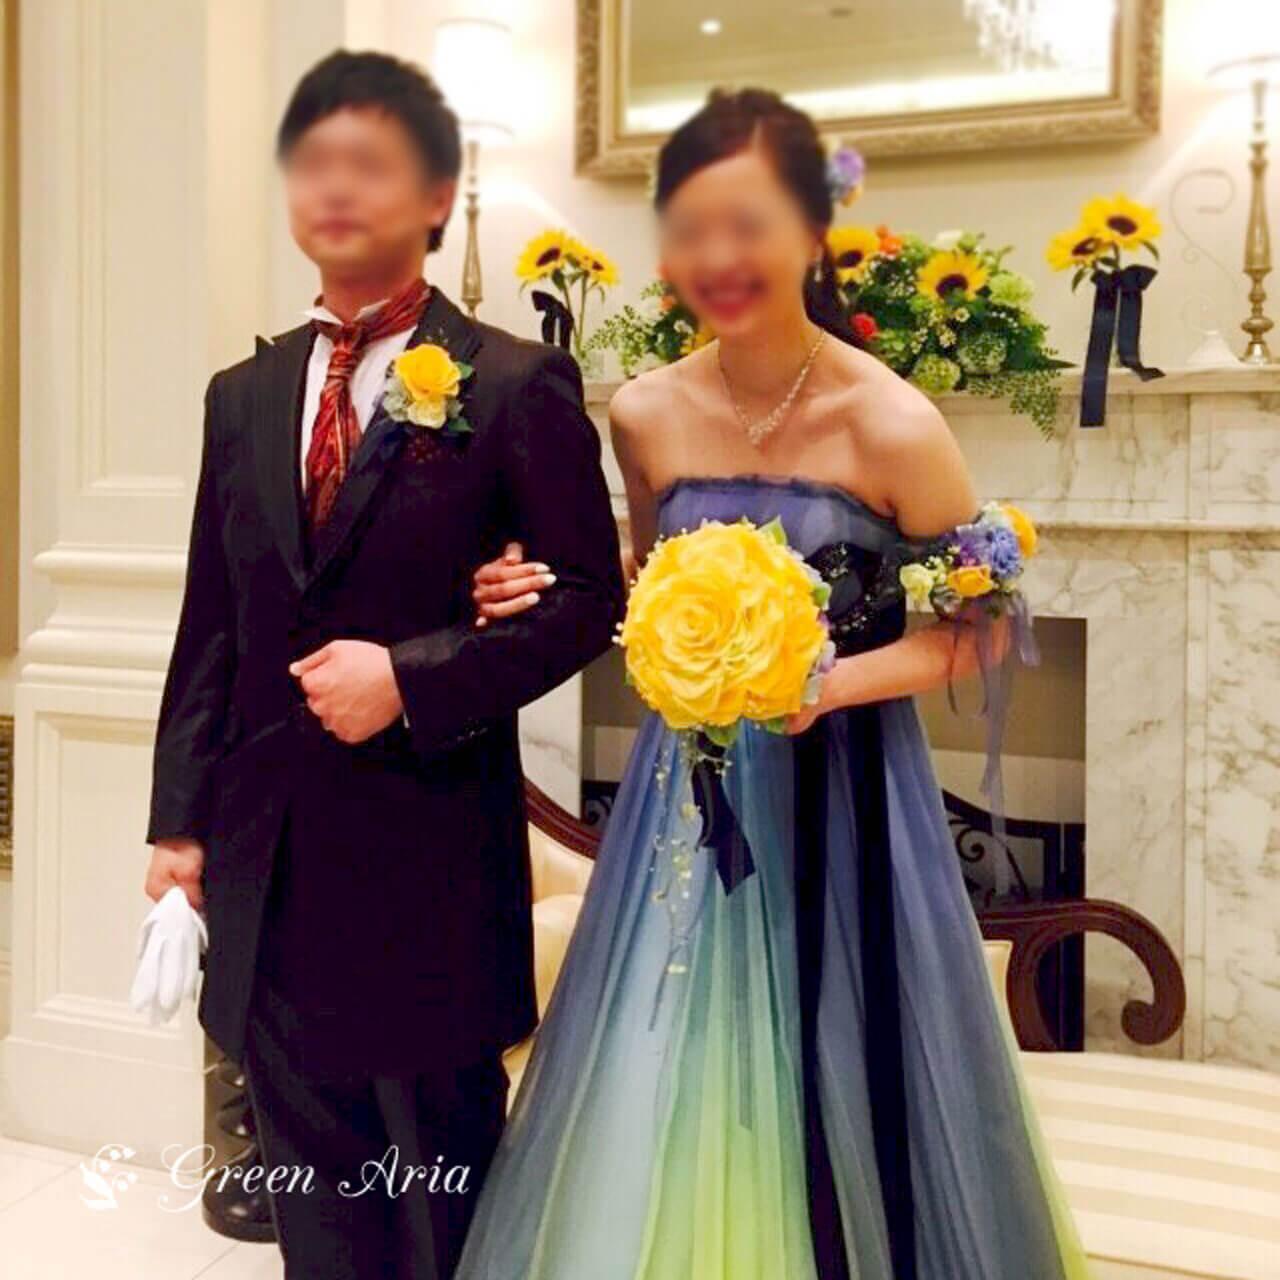 ブルーからイエローのグラデーションドレスを着た新婦はイエローの大きなバラを手に持っている